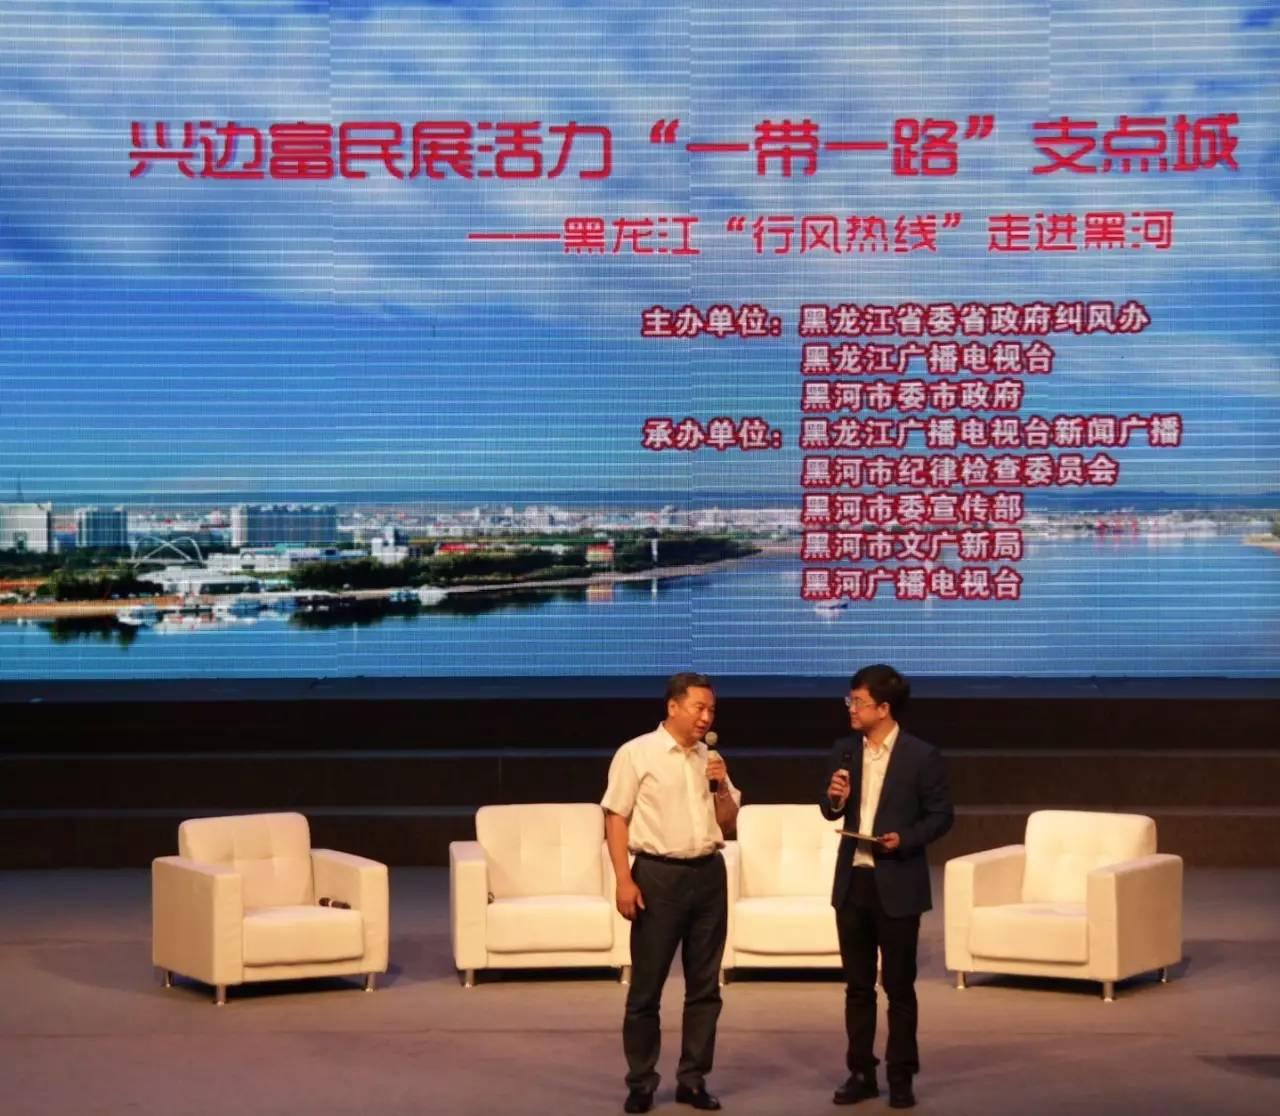 刘英昼律师 咨询电话:1376 天眼查为您提供黑河市法律援助中心的相关